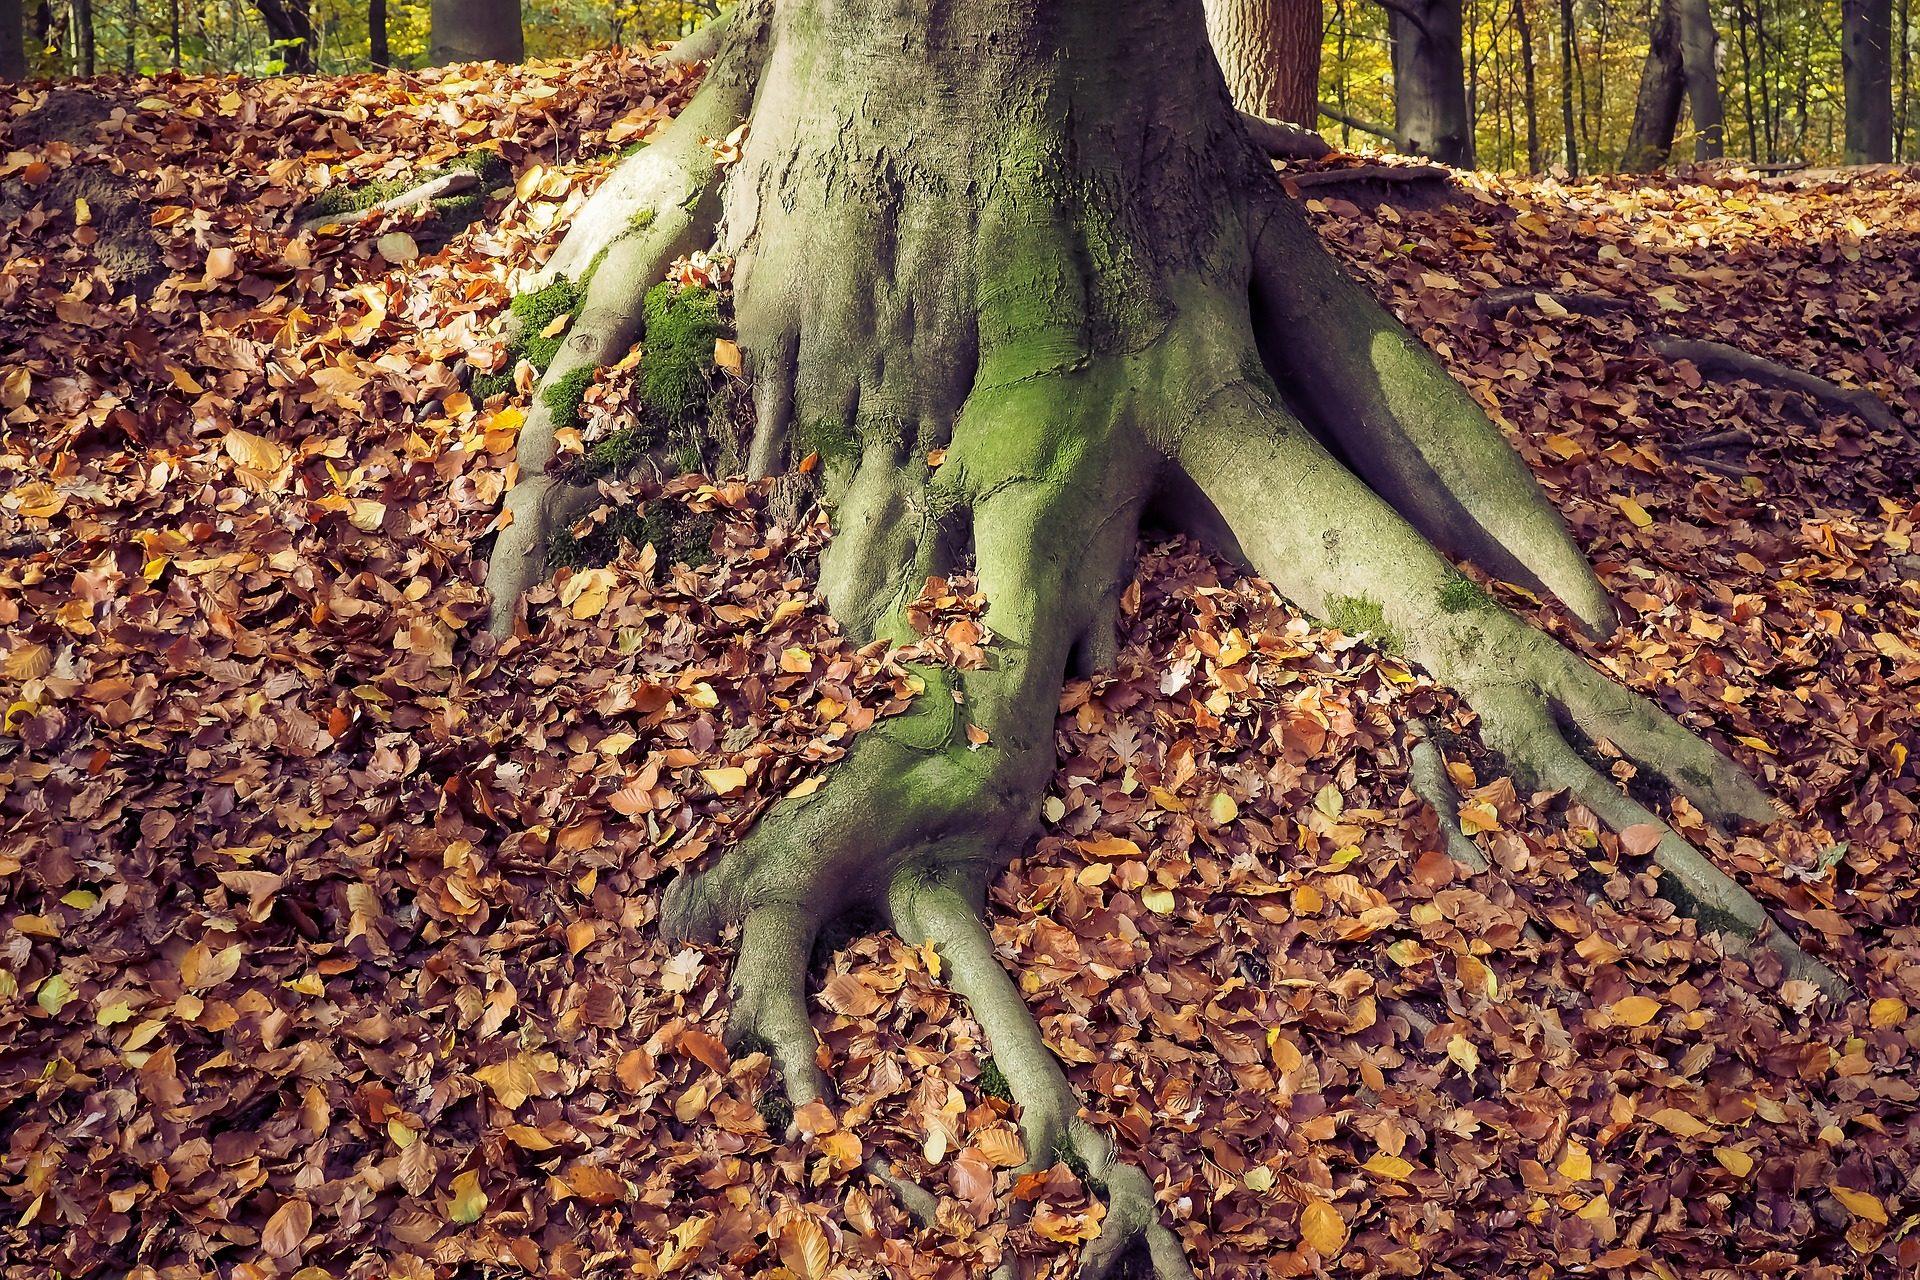 árbol, raíces, hojas, hojarasca, bosque - Fondos de Pantalla HD - professor-falken.com